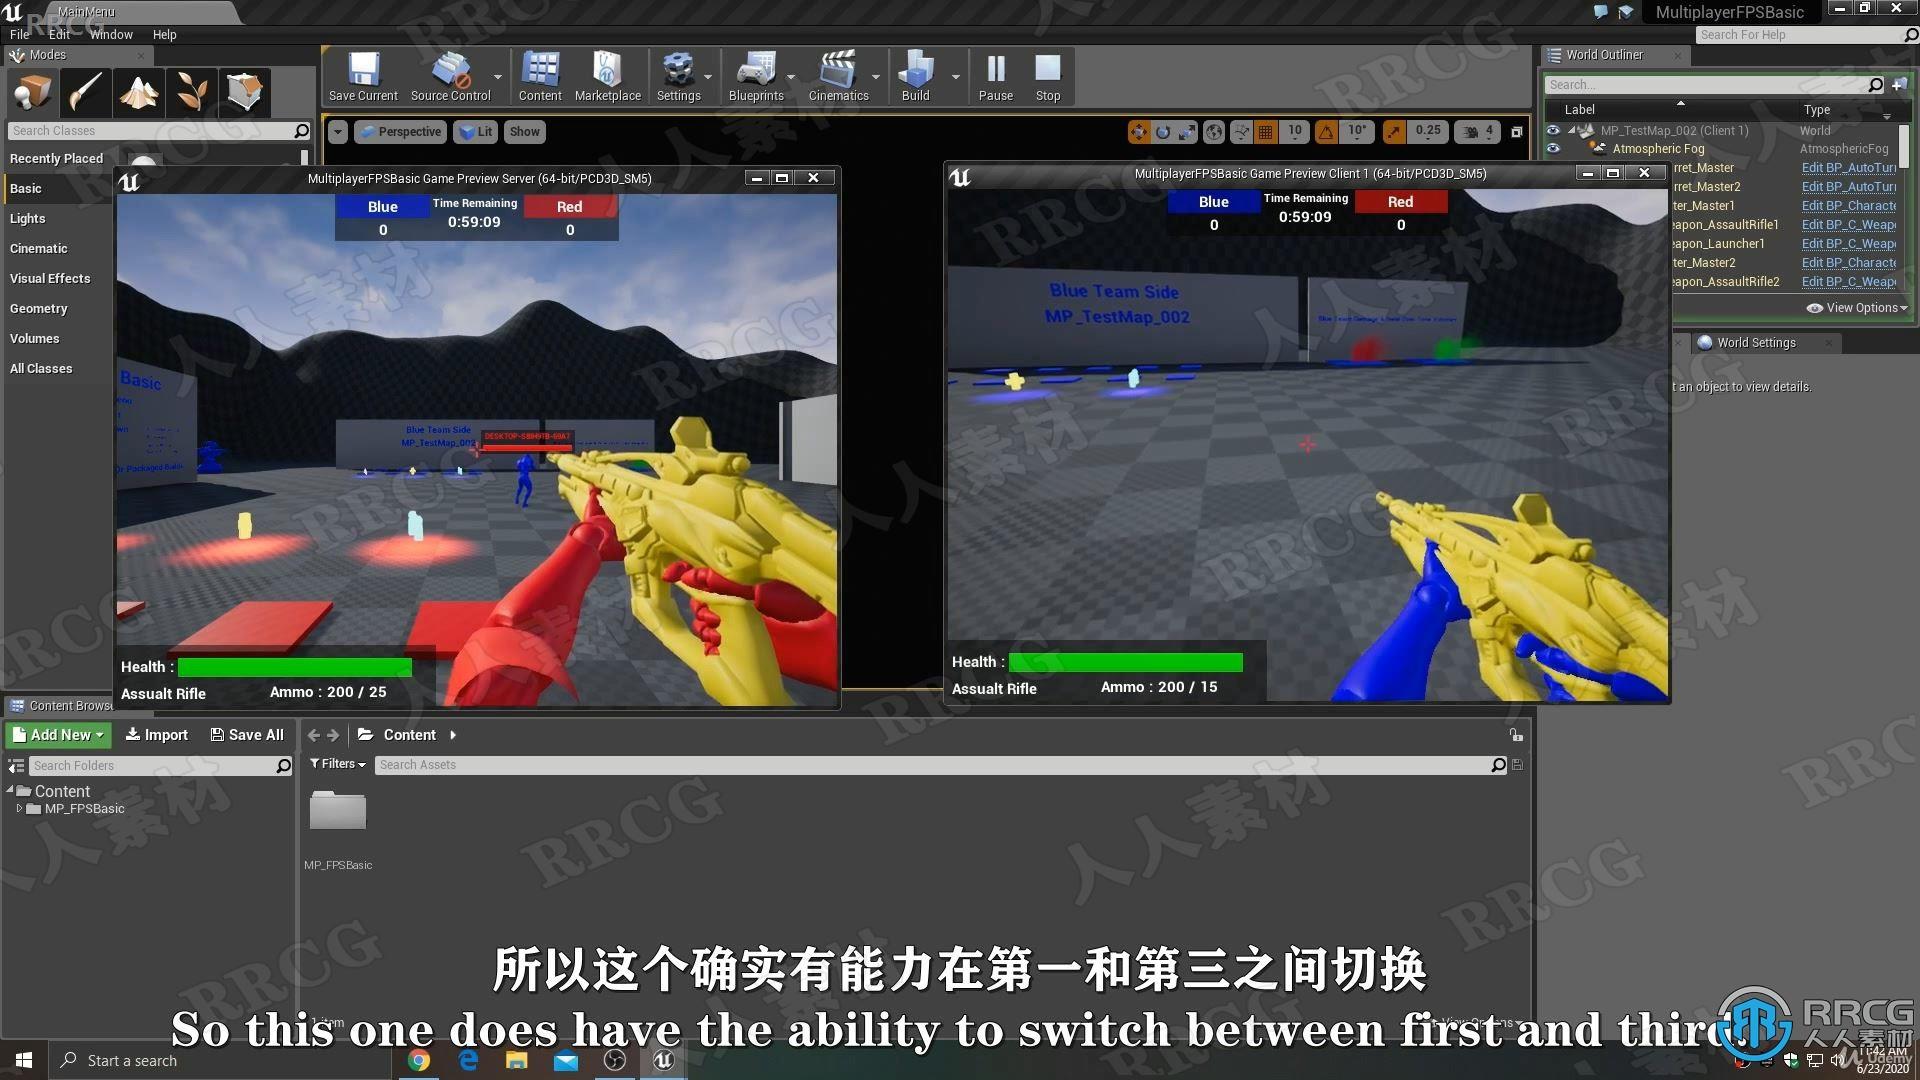 【中文字幕】Unreal Engine使用蓝图制作多人联机FPS射击游戏视频教程